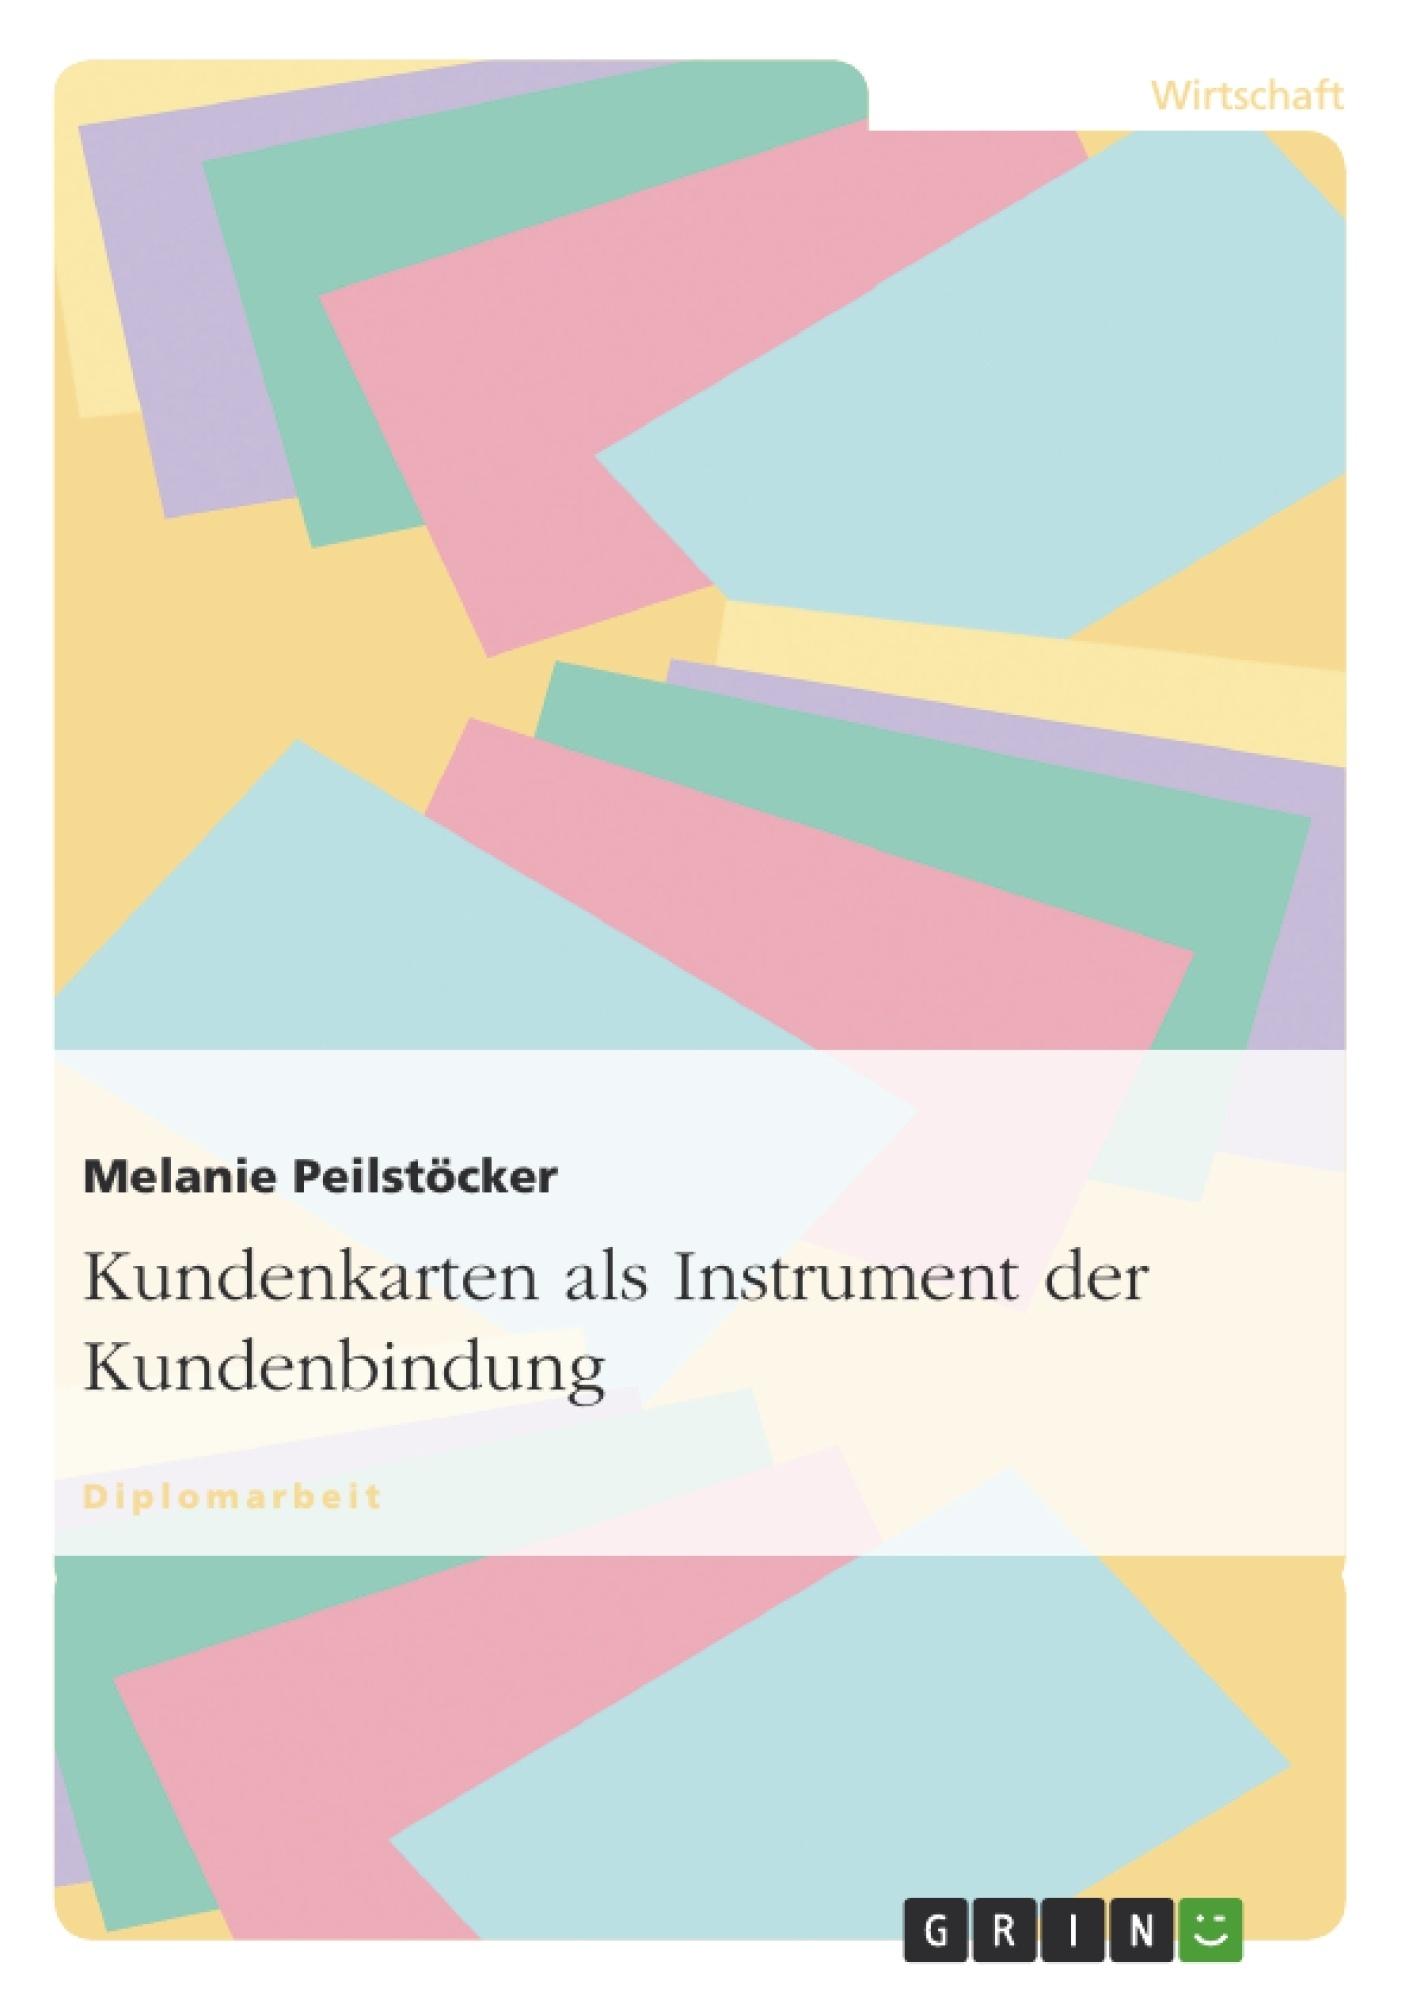 Titel: Kundenkarten als Instrument der Kundenbindung